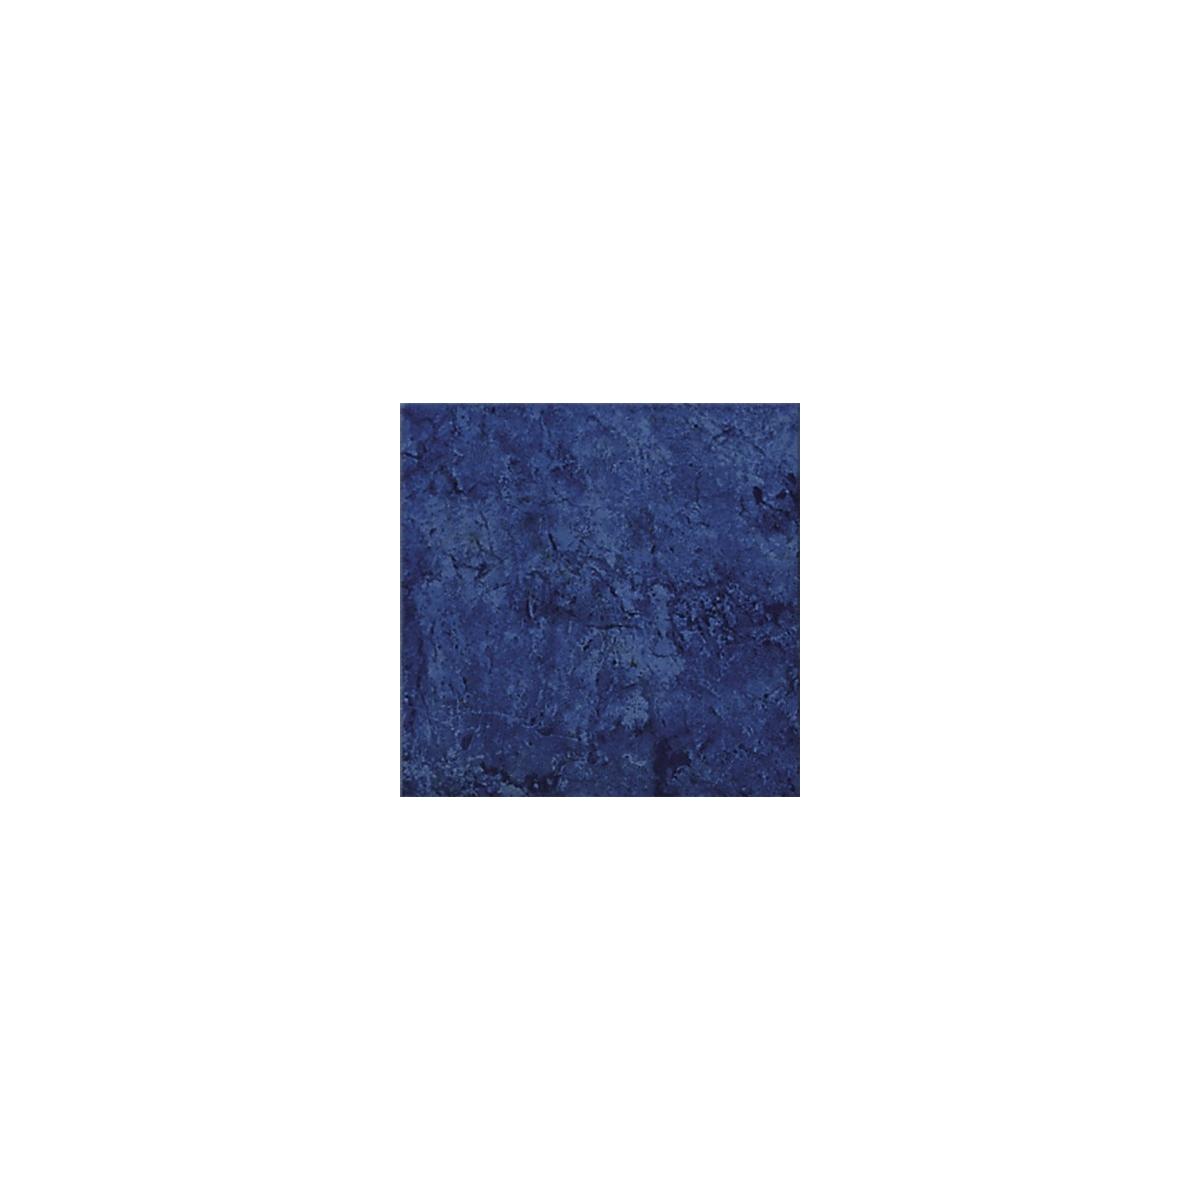 Litos azul 20x20 (m2) - Serie Aveiro - Marca Mainzu